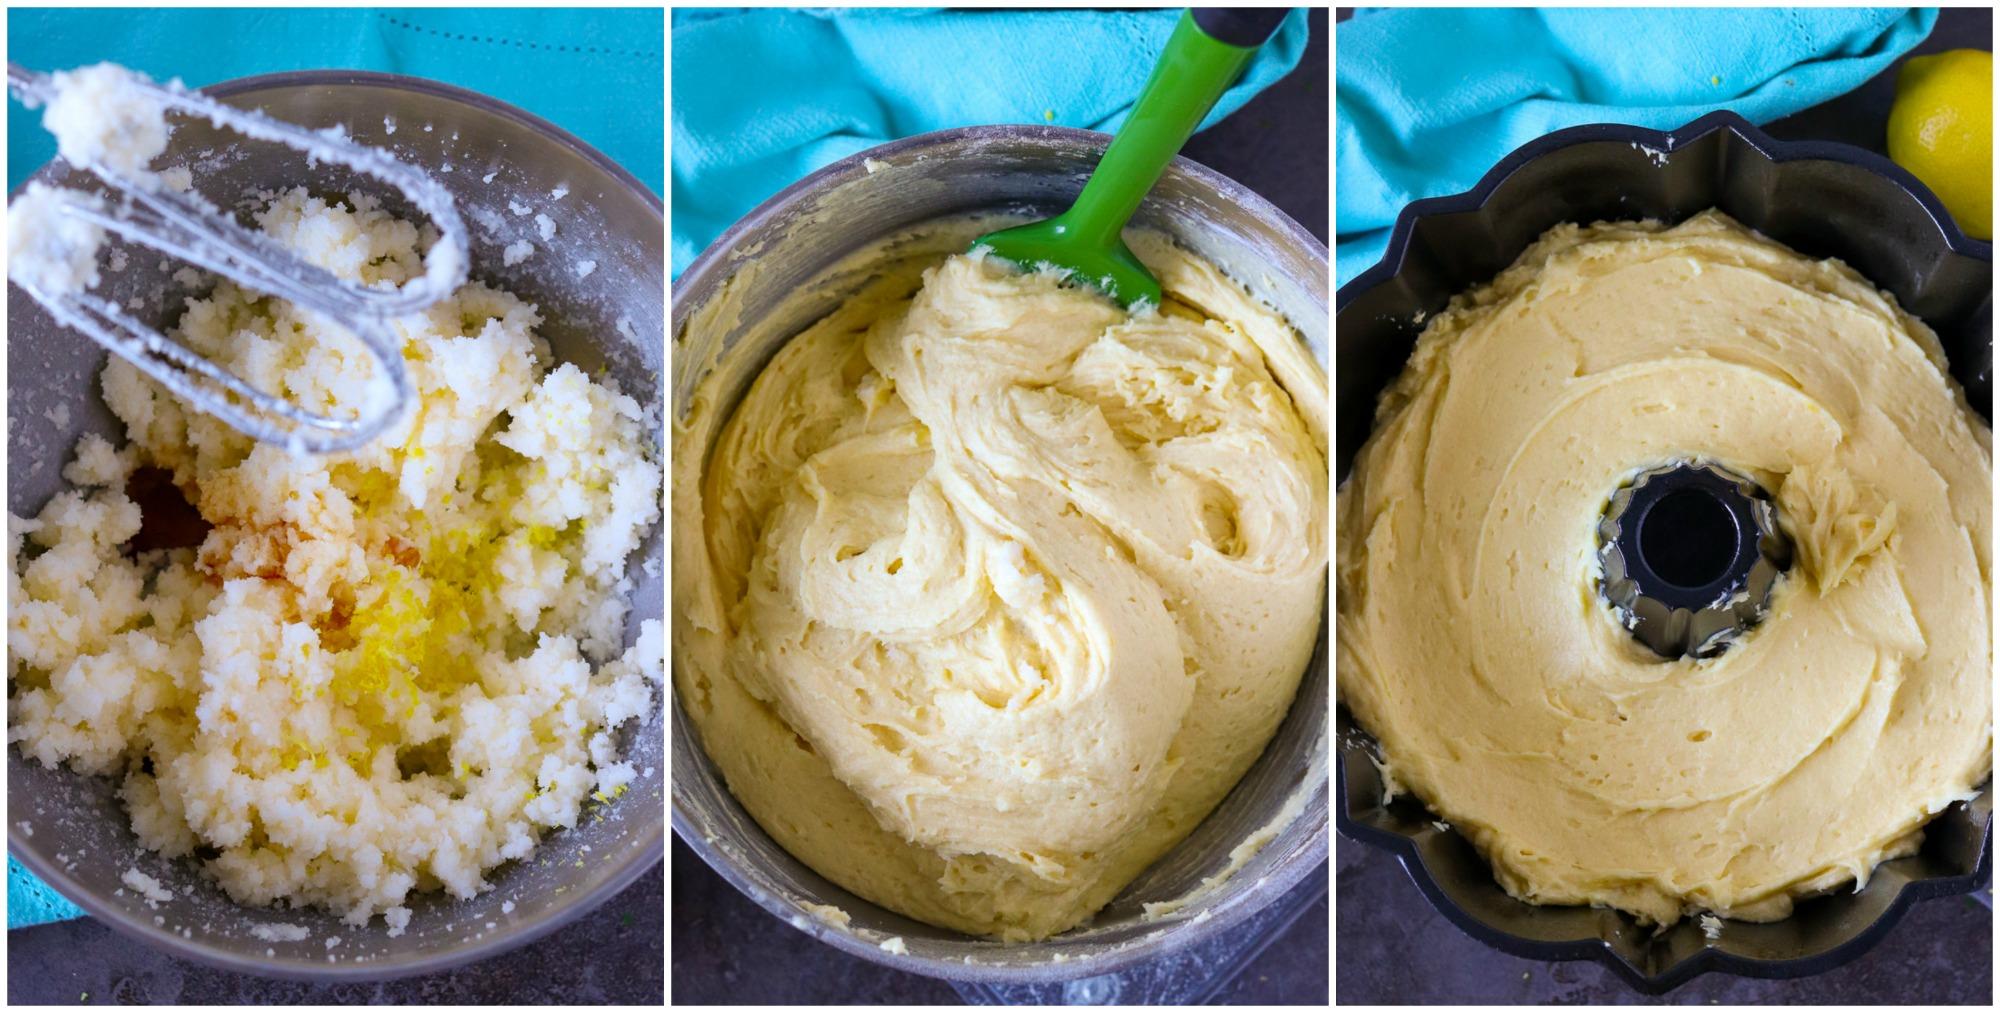 lemon pudding cake batter in mixing bowl and bundt pan